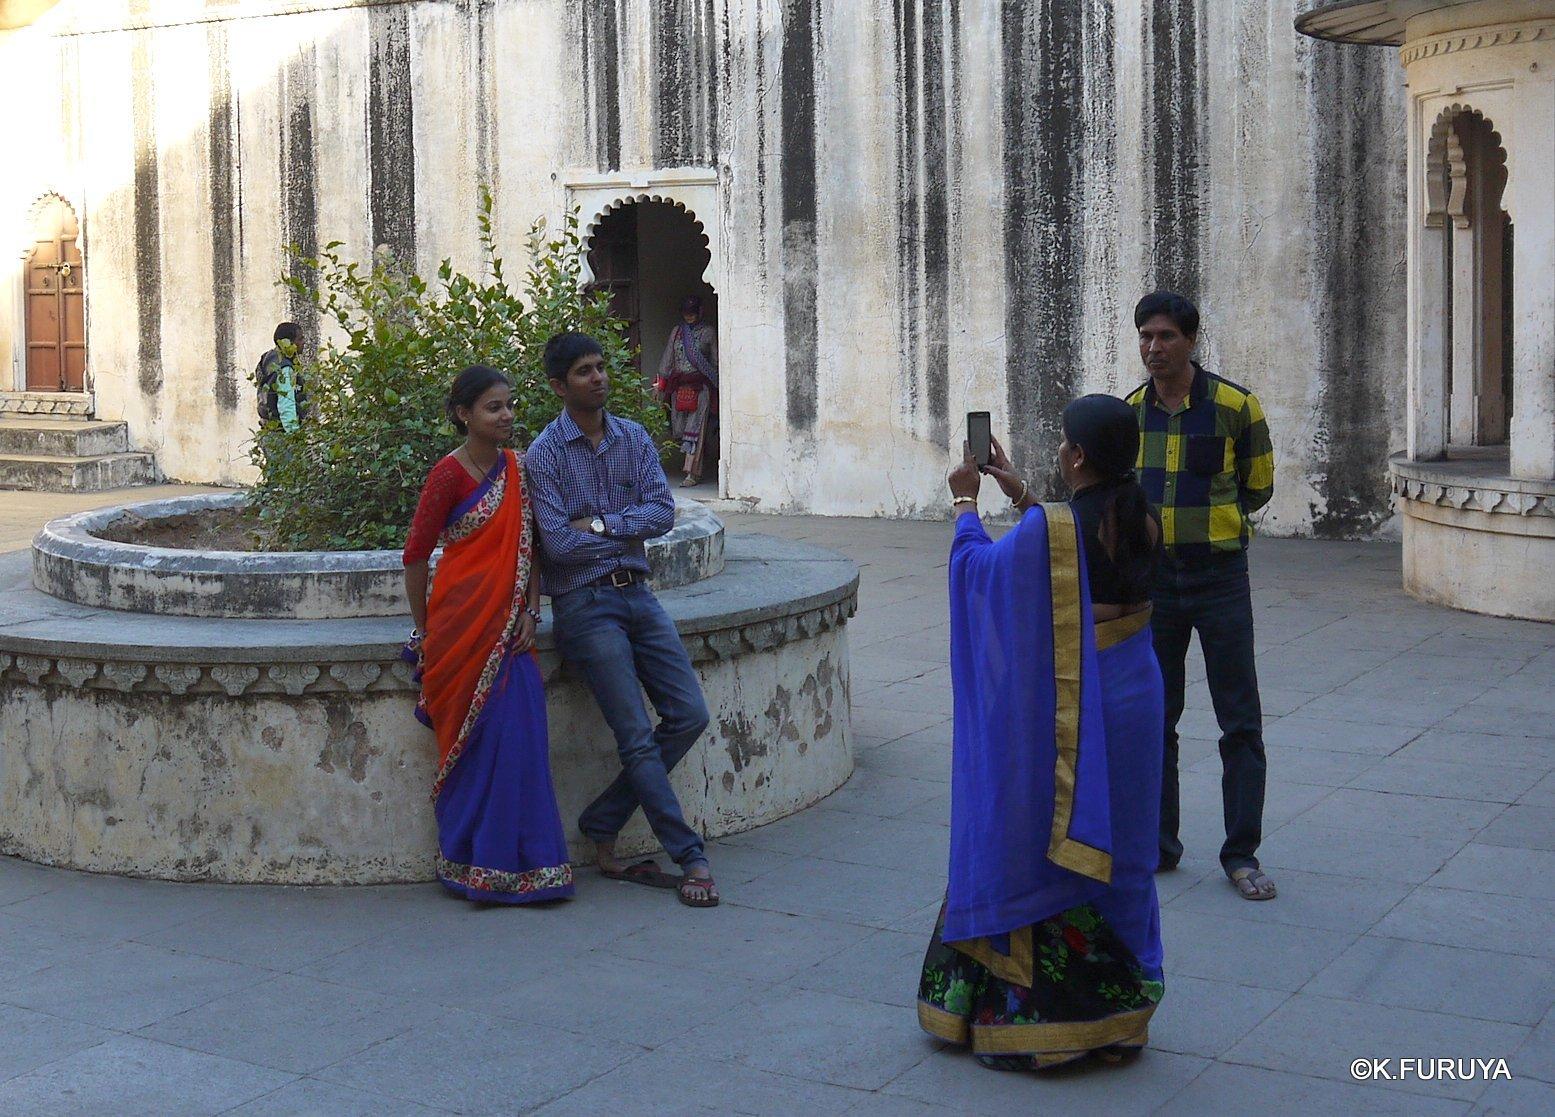 インド・ラジャスタンの旅 12 インド版「万里の長城」クンバルガル砦_a0092659_18063313.jpg